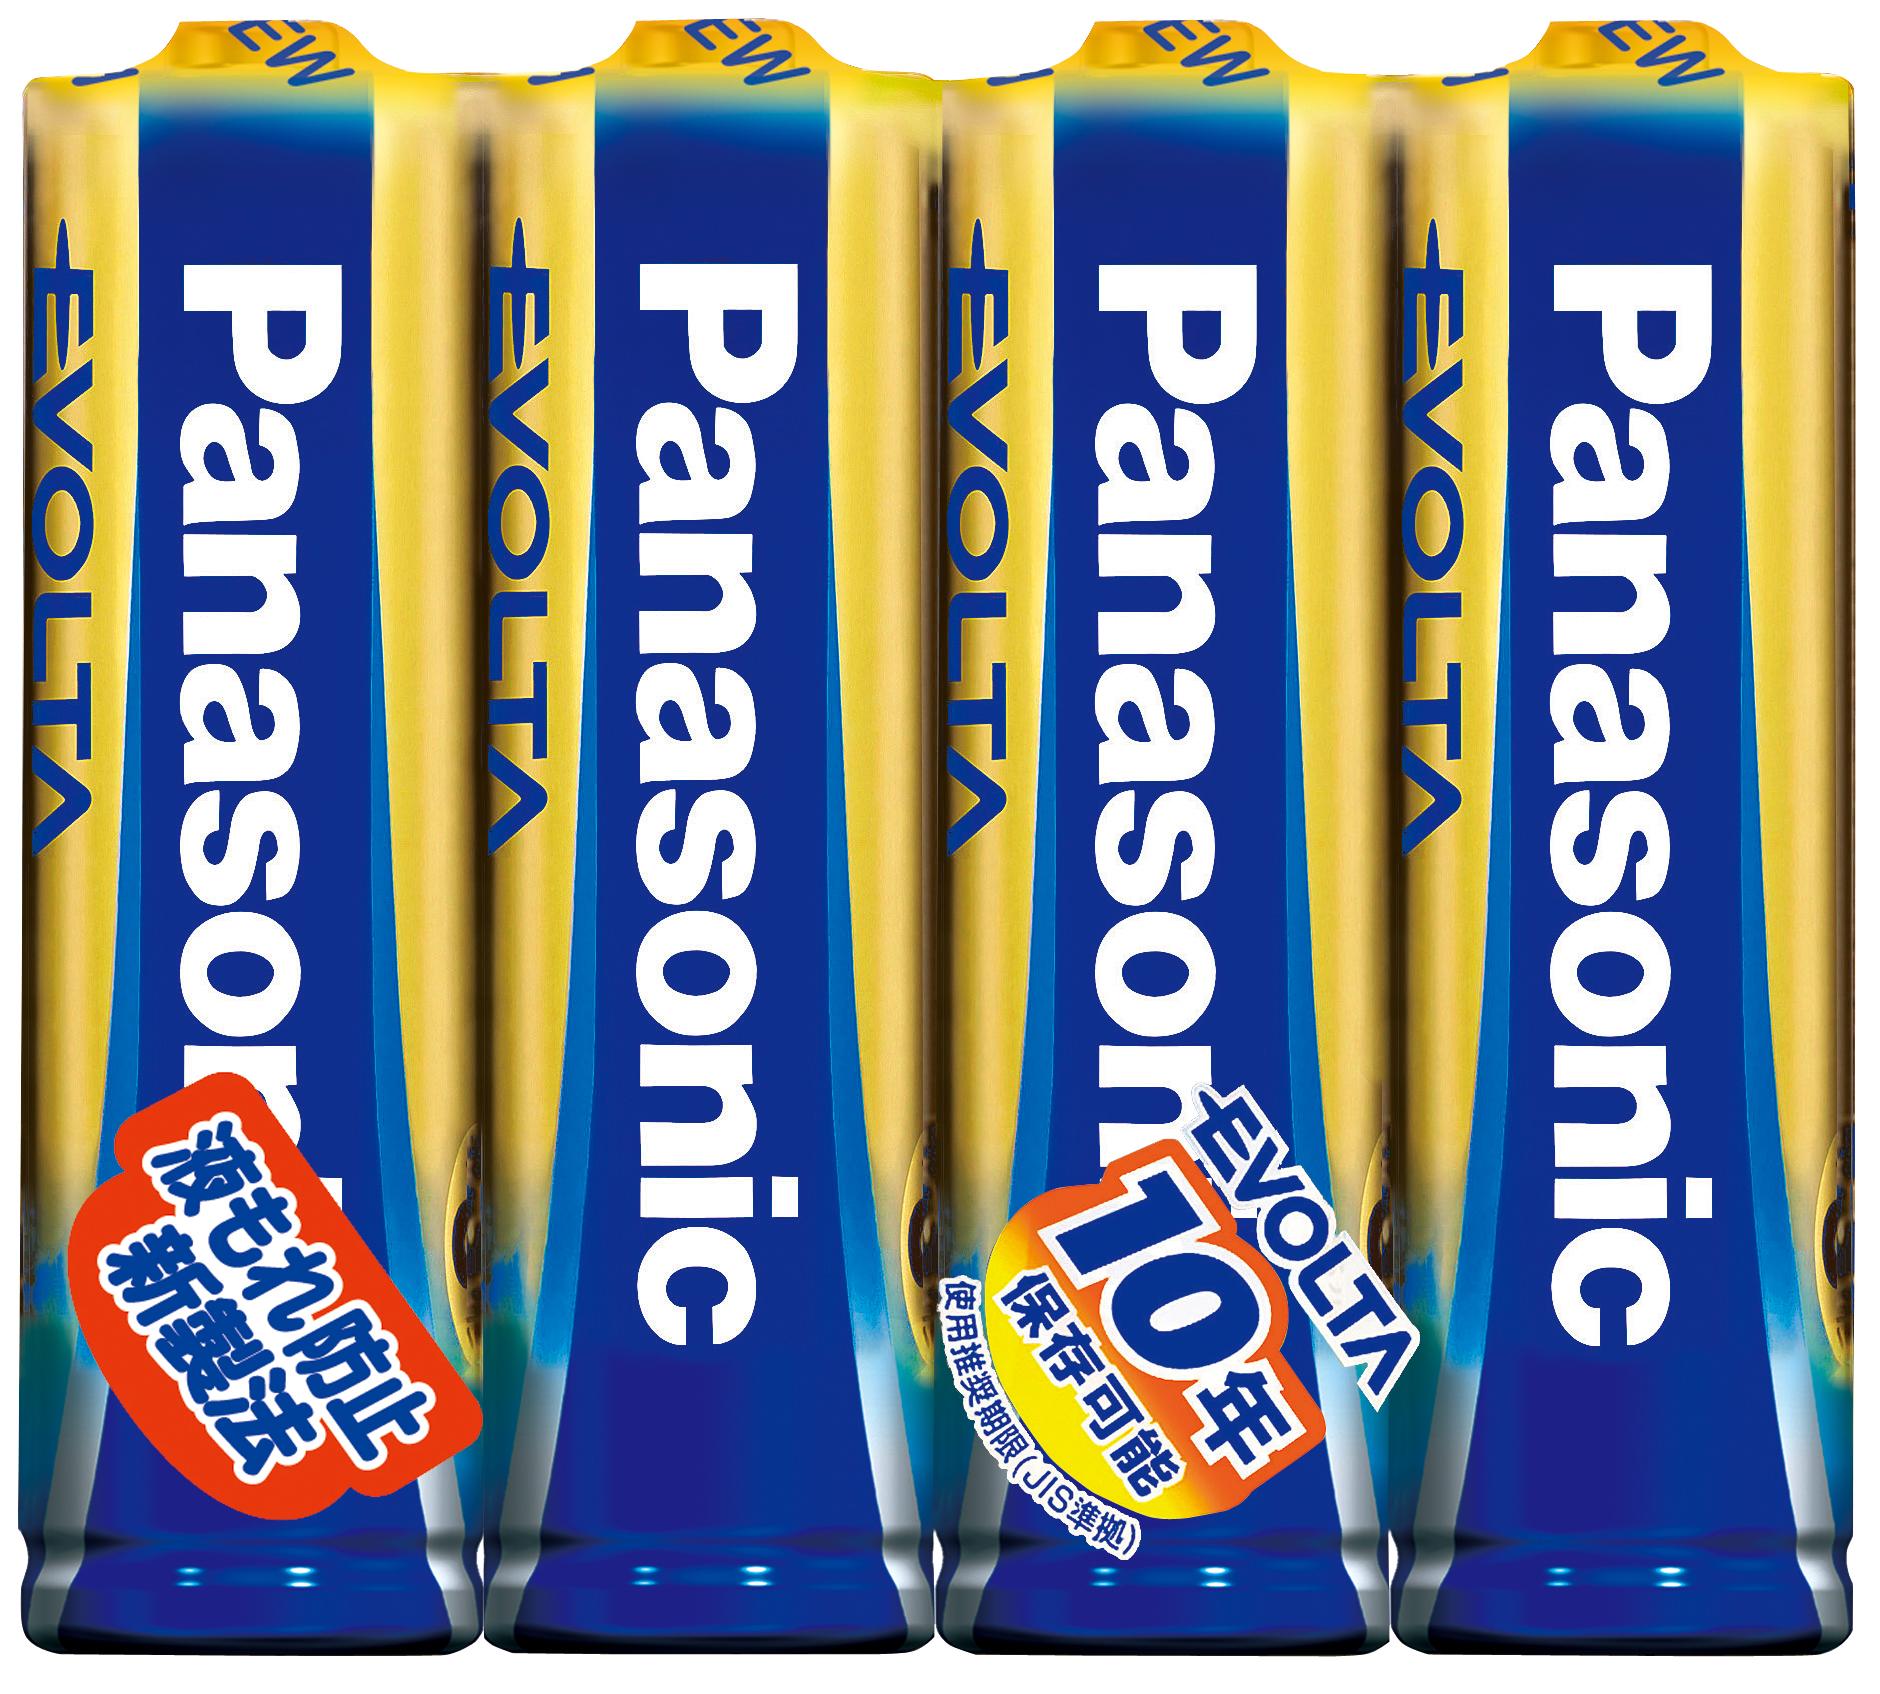 パナソニックのアルカリ乾電池「エボルタ」に液もれ防止新製法採用